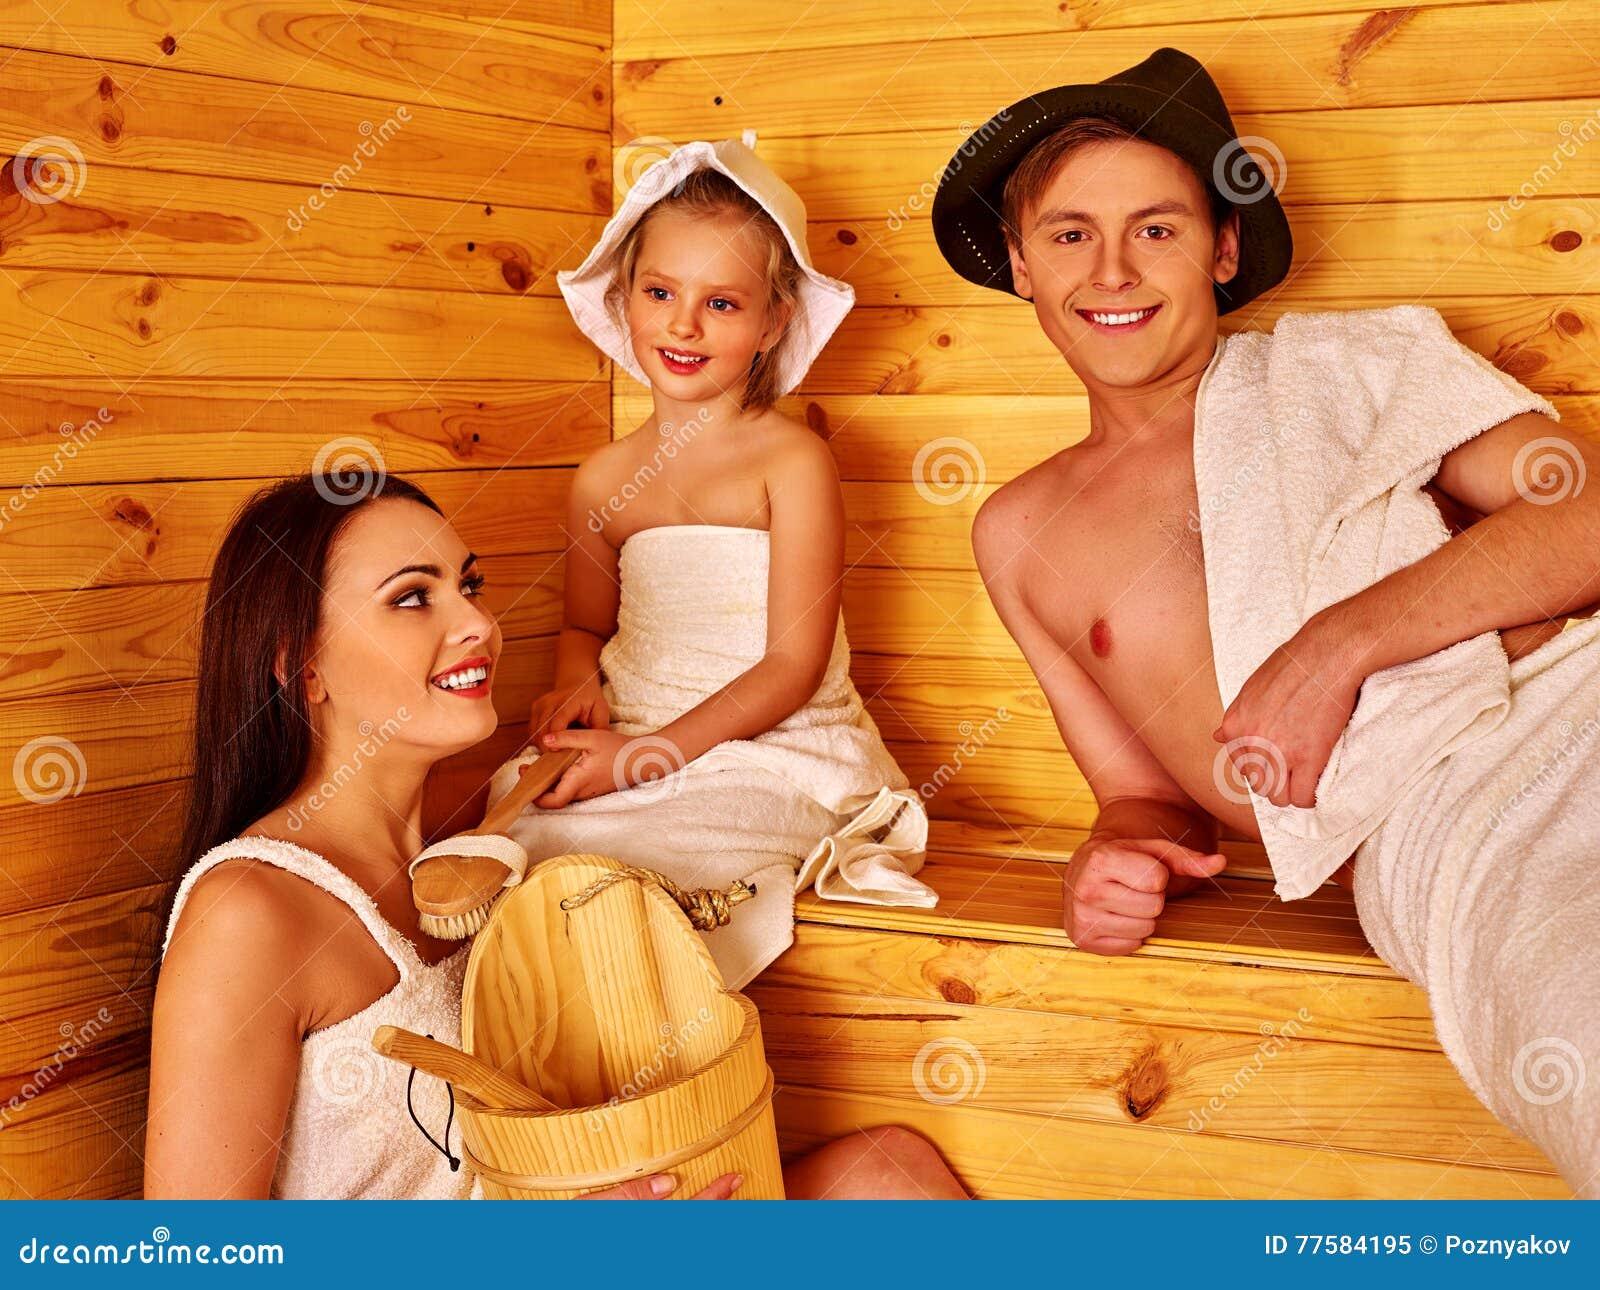 Gluckliche Familie Mit Kindern Im Hut In Sauna Stockbild Bild Von